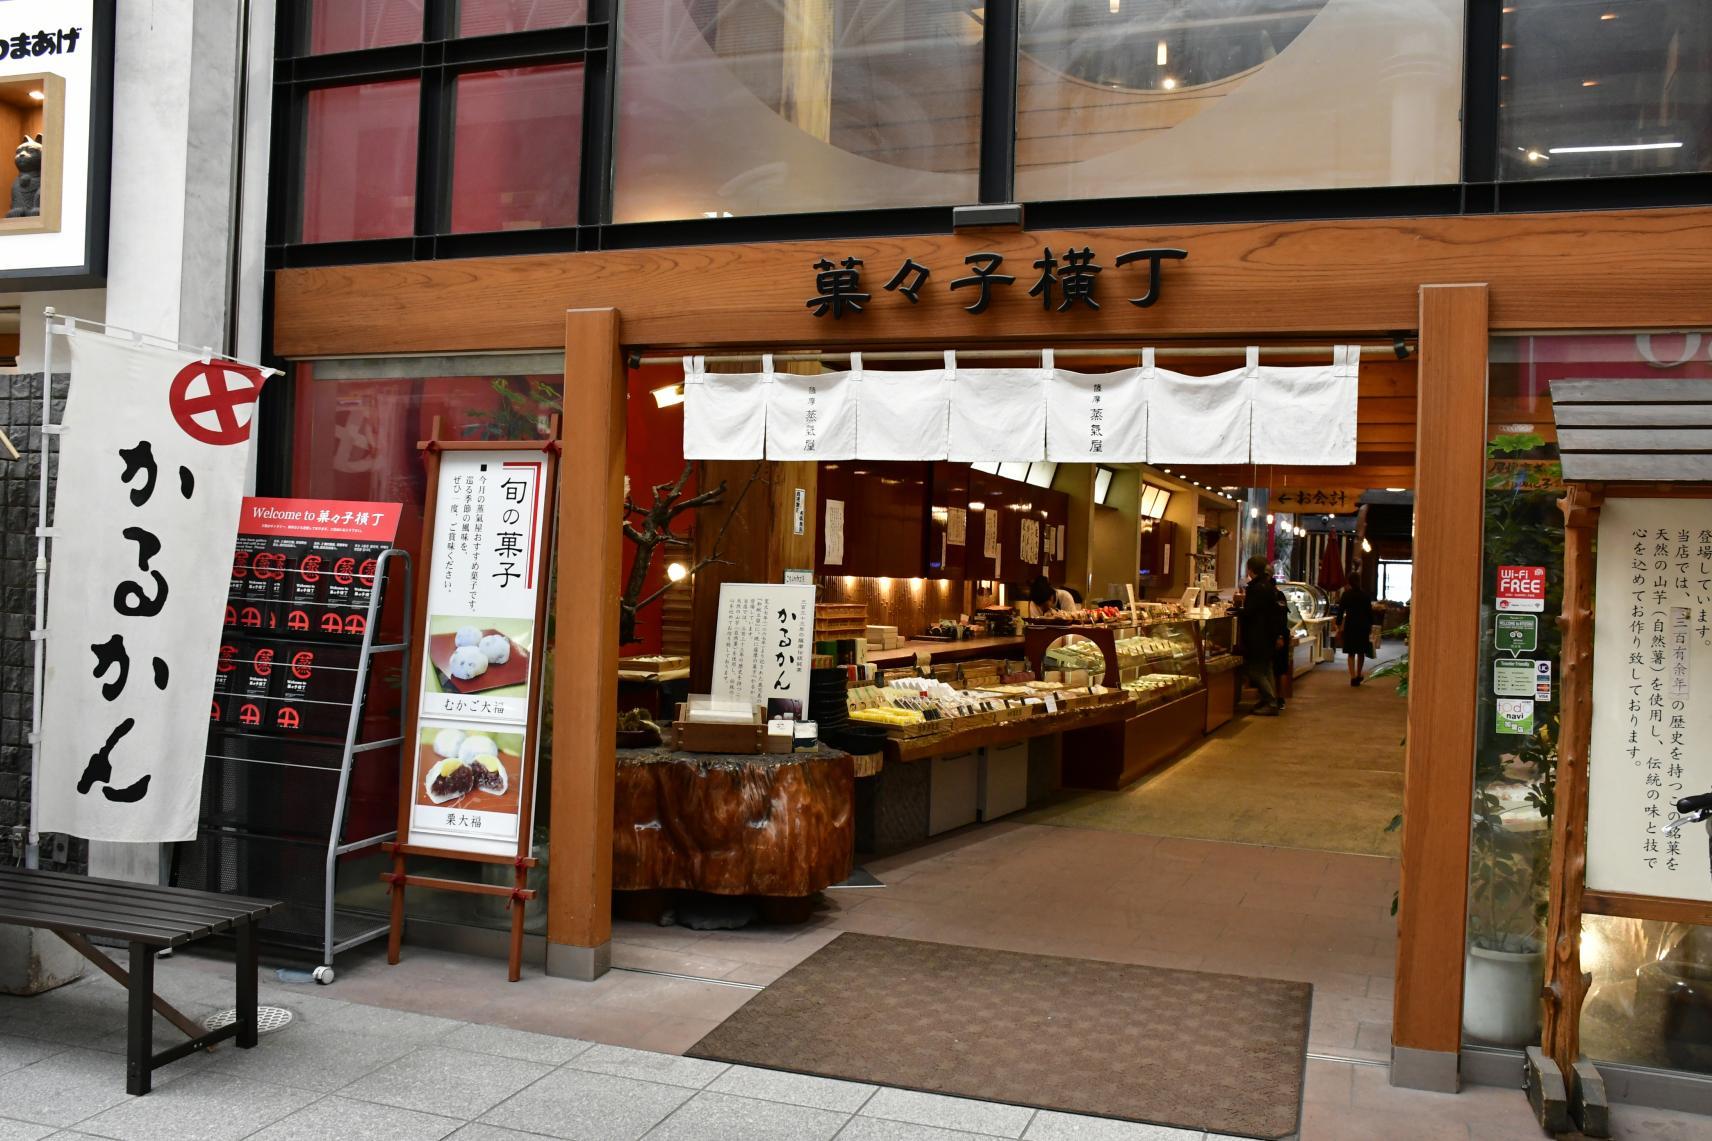 薩摩蒸気屋 菓々子横丁-1